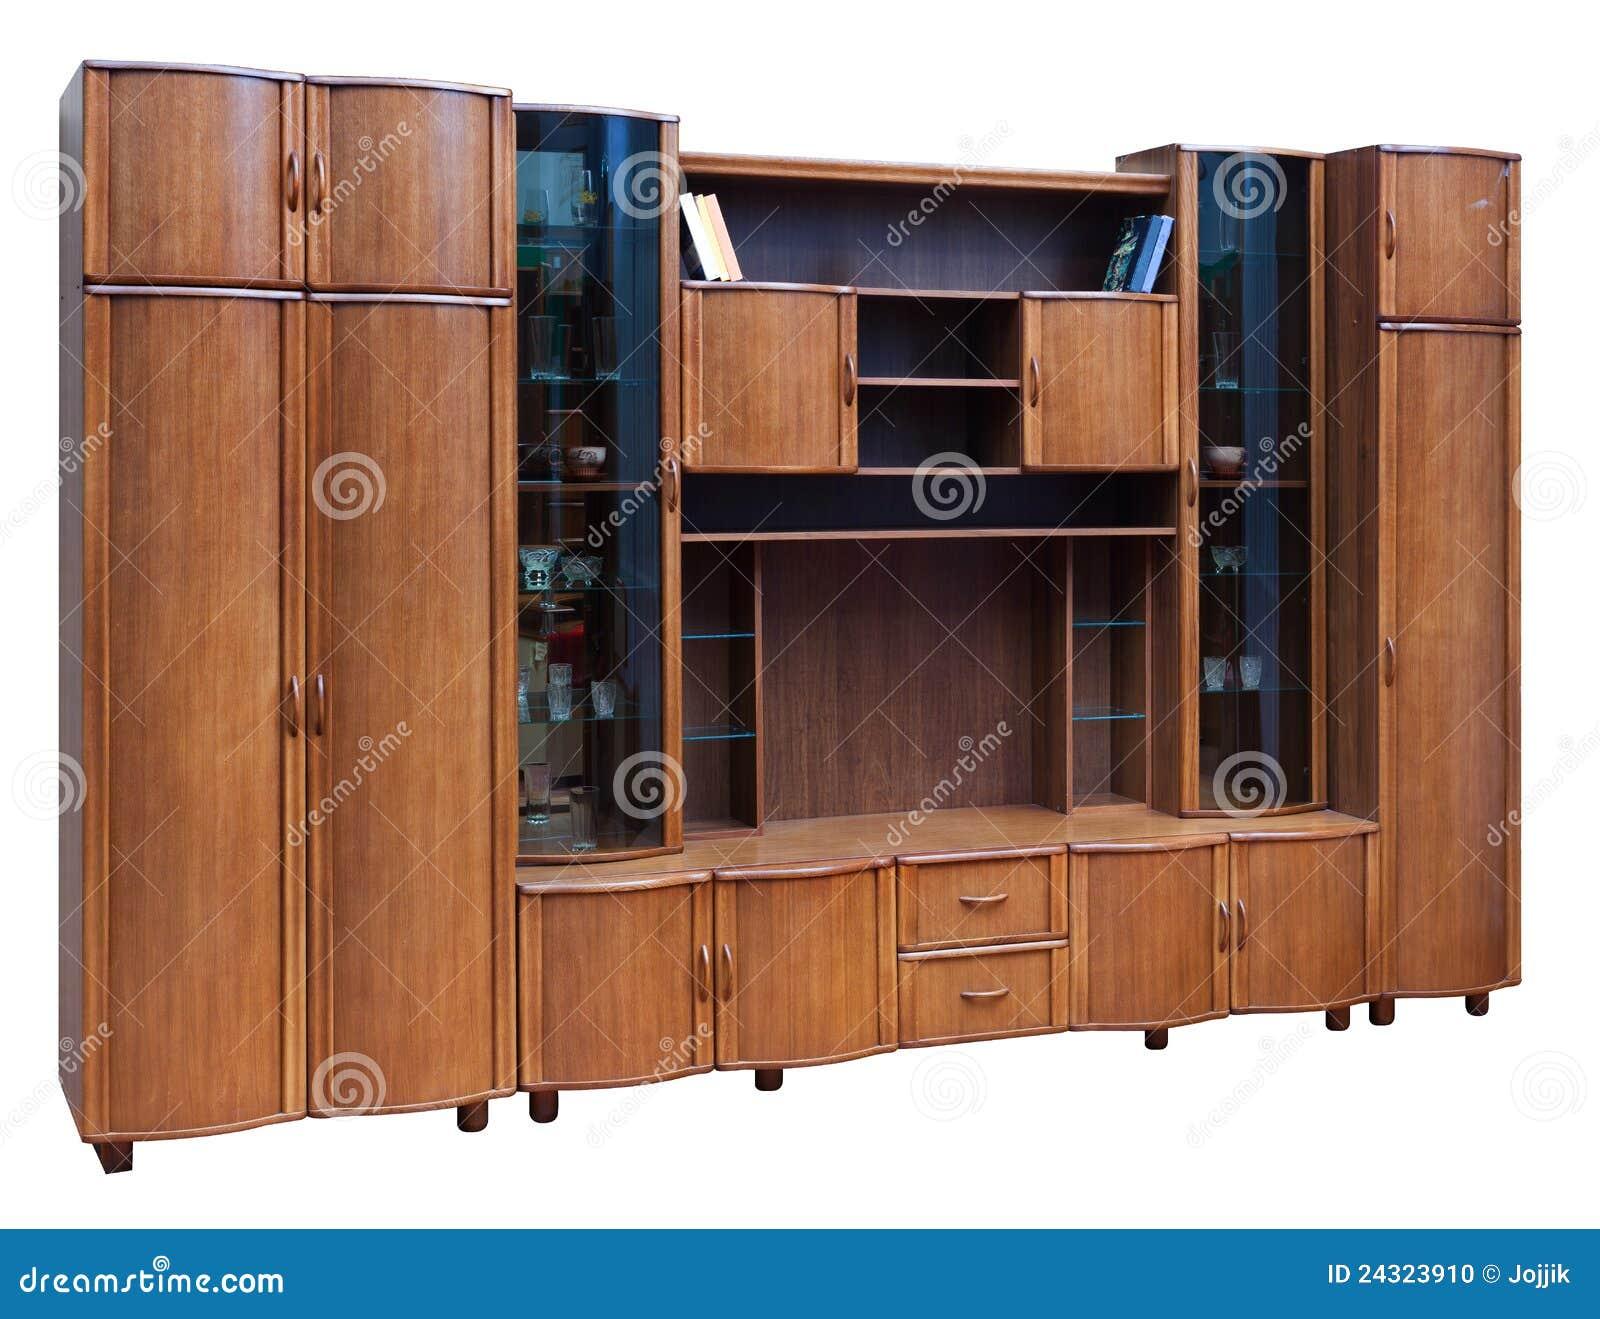 Kast Met Glasdeuren.Houten Kast Met Glasdeuren Stock Foto Afbeelding Bestaande Uit